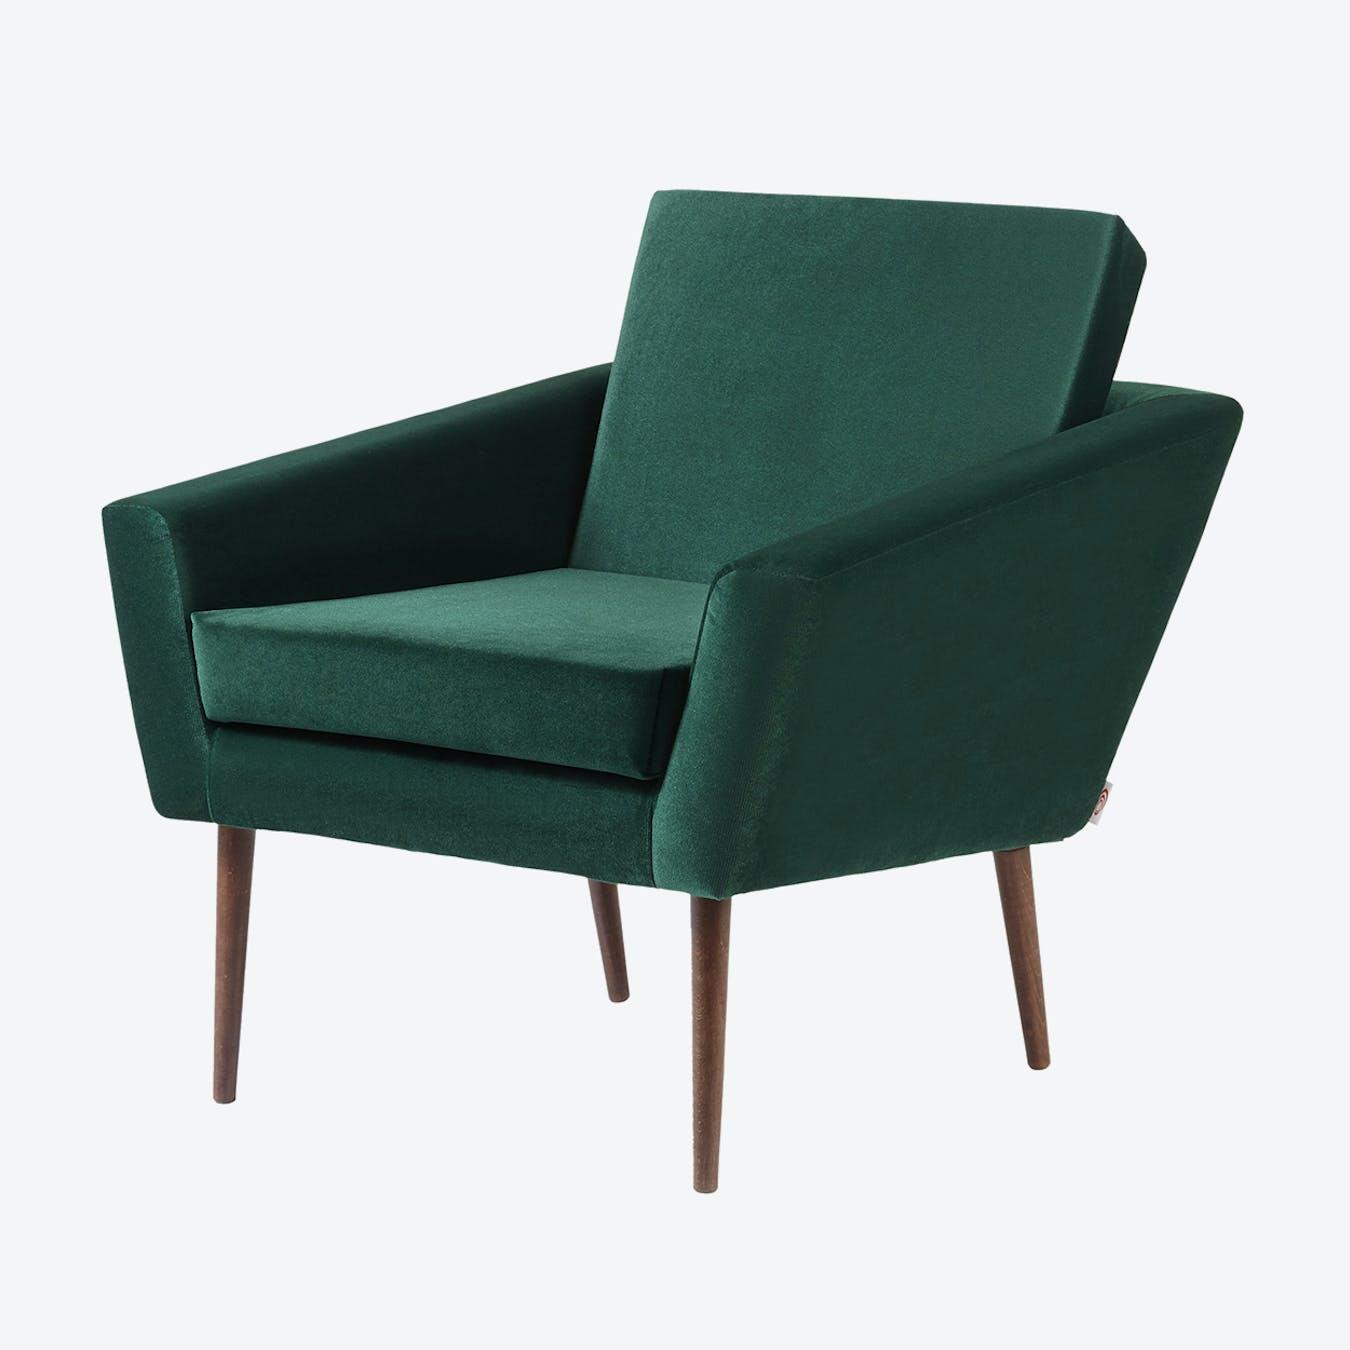 Supernova Chair - Velvet Line in Hunter Green